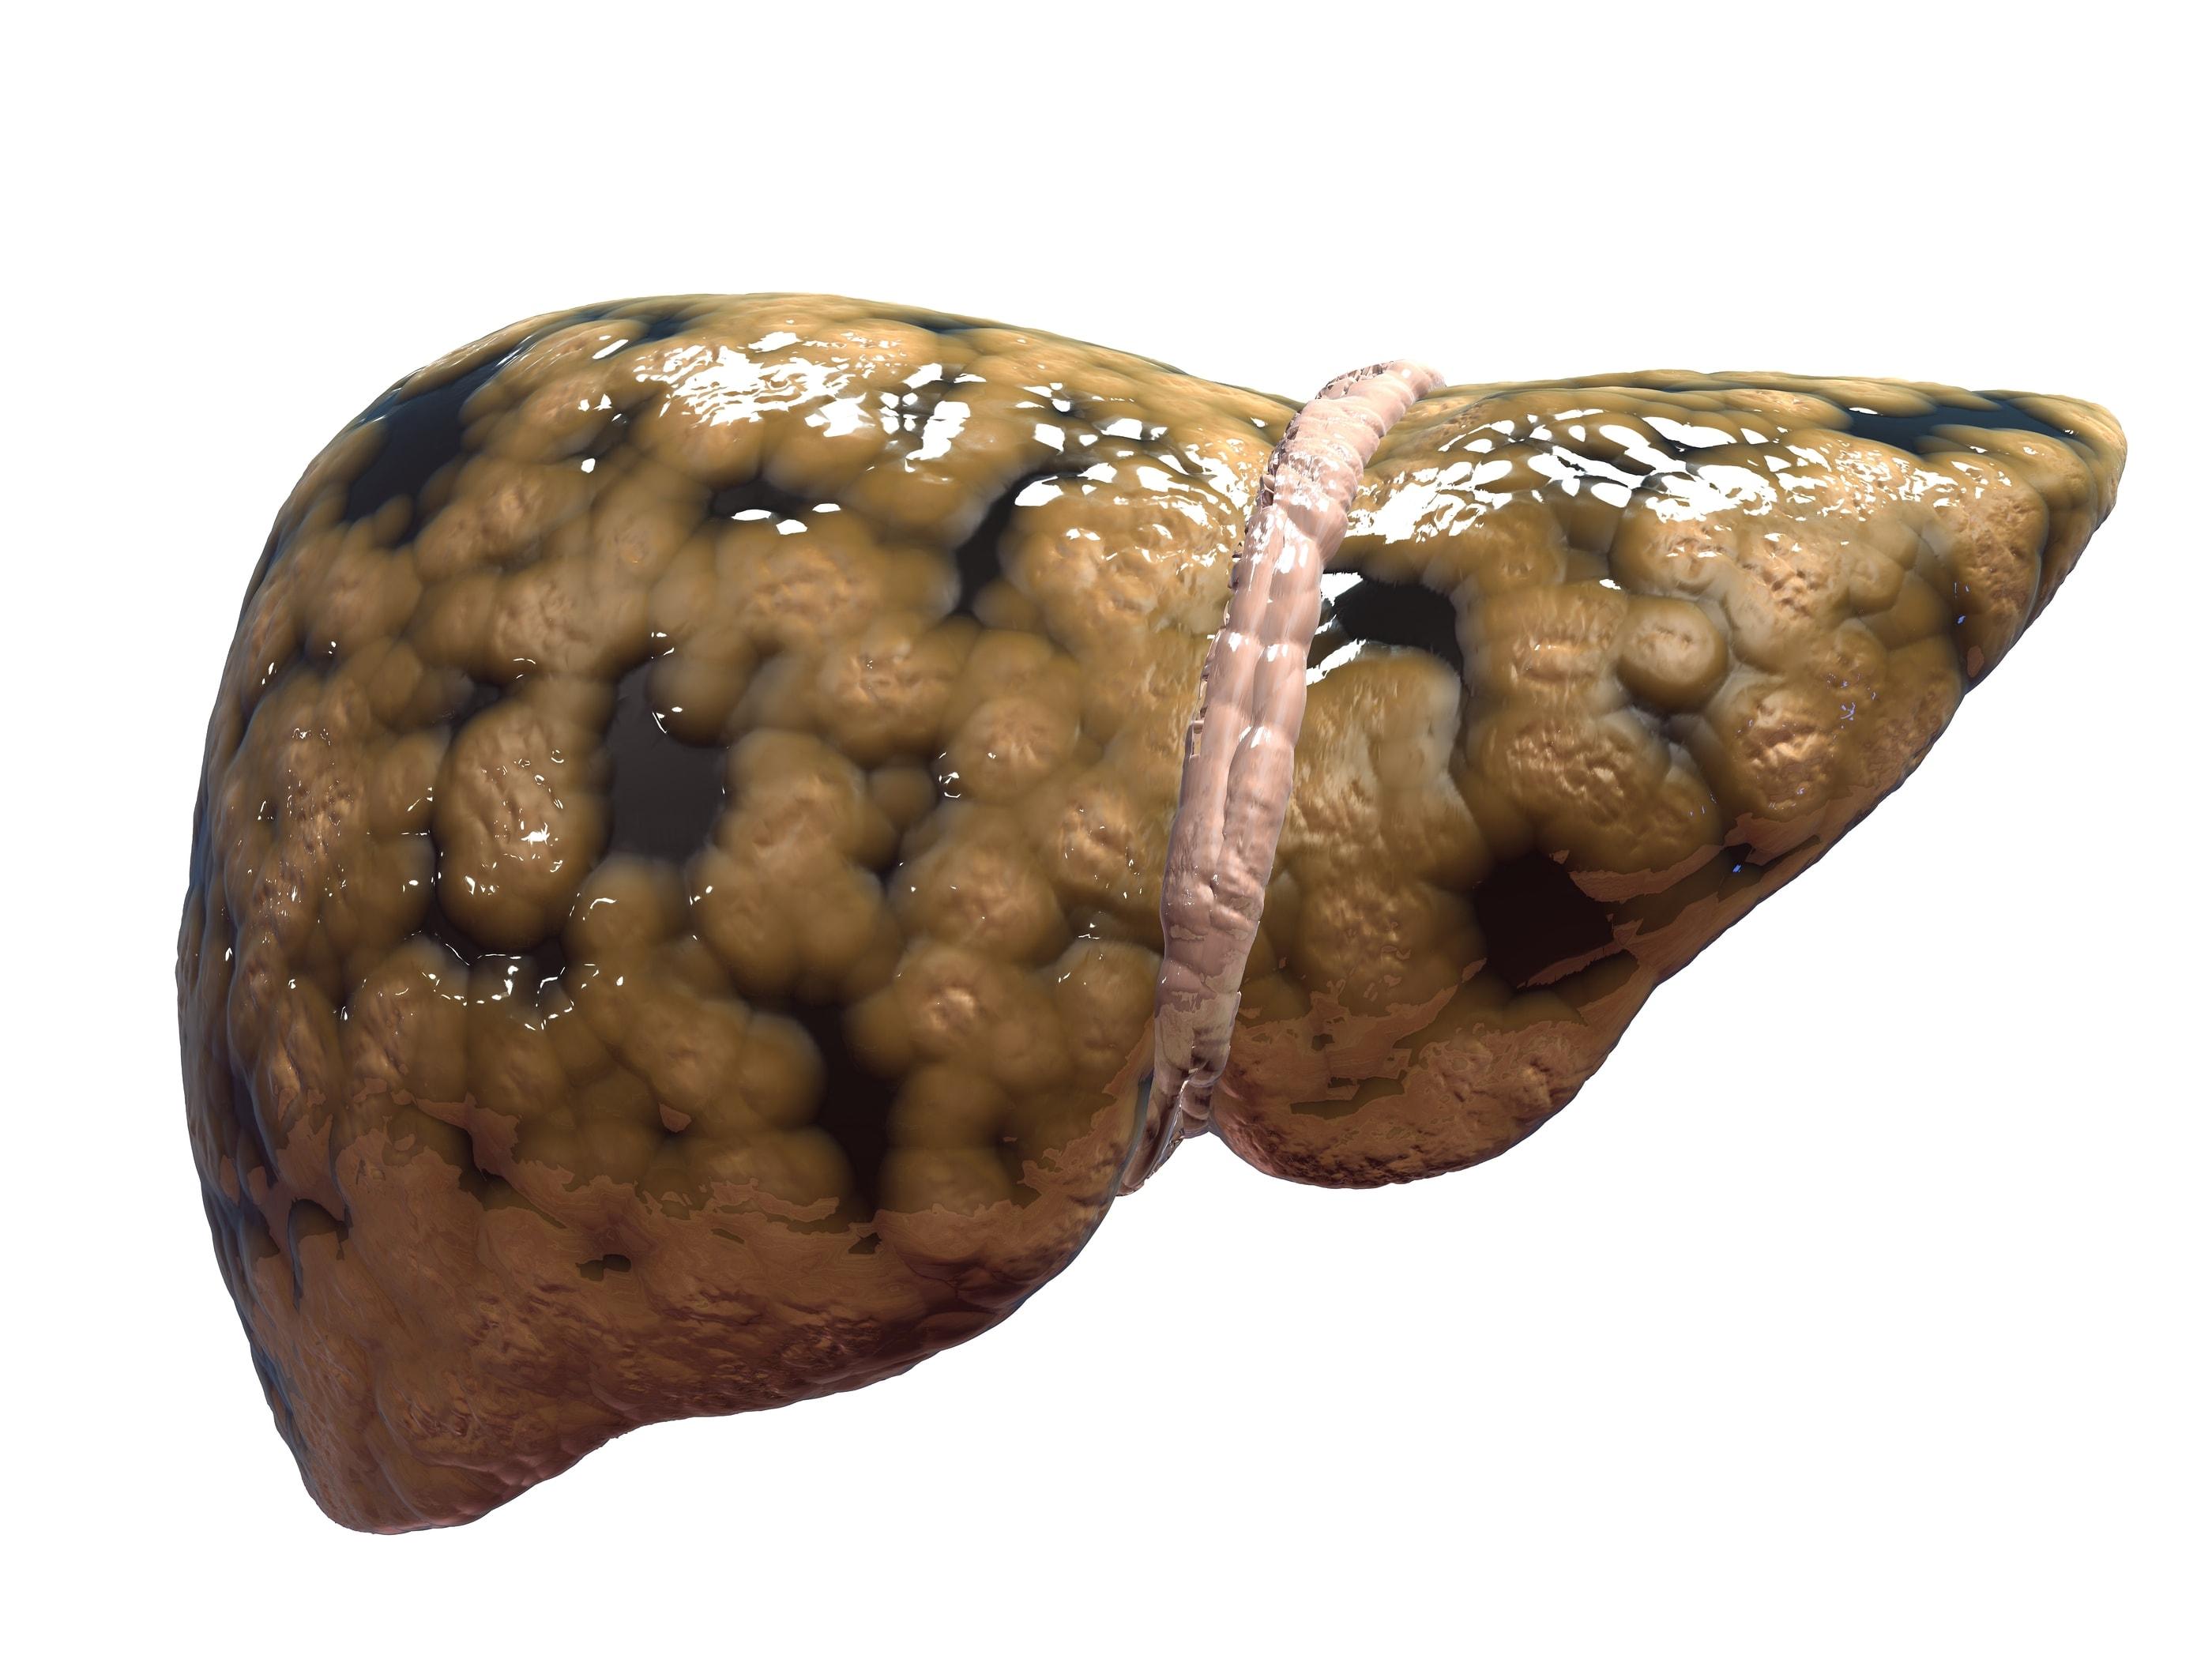 بالصور علاج تليف الكبد , فيرس سي وعلاجه 3708